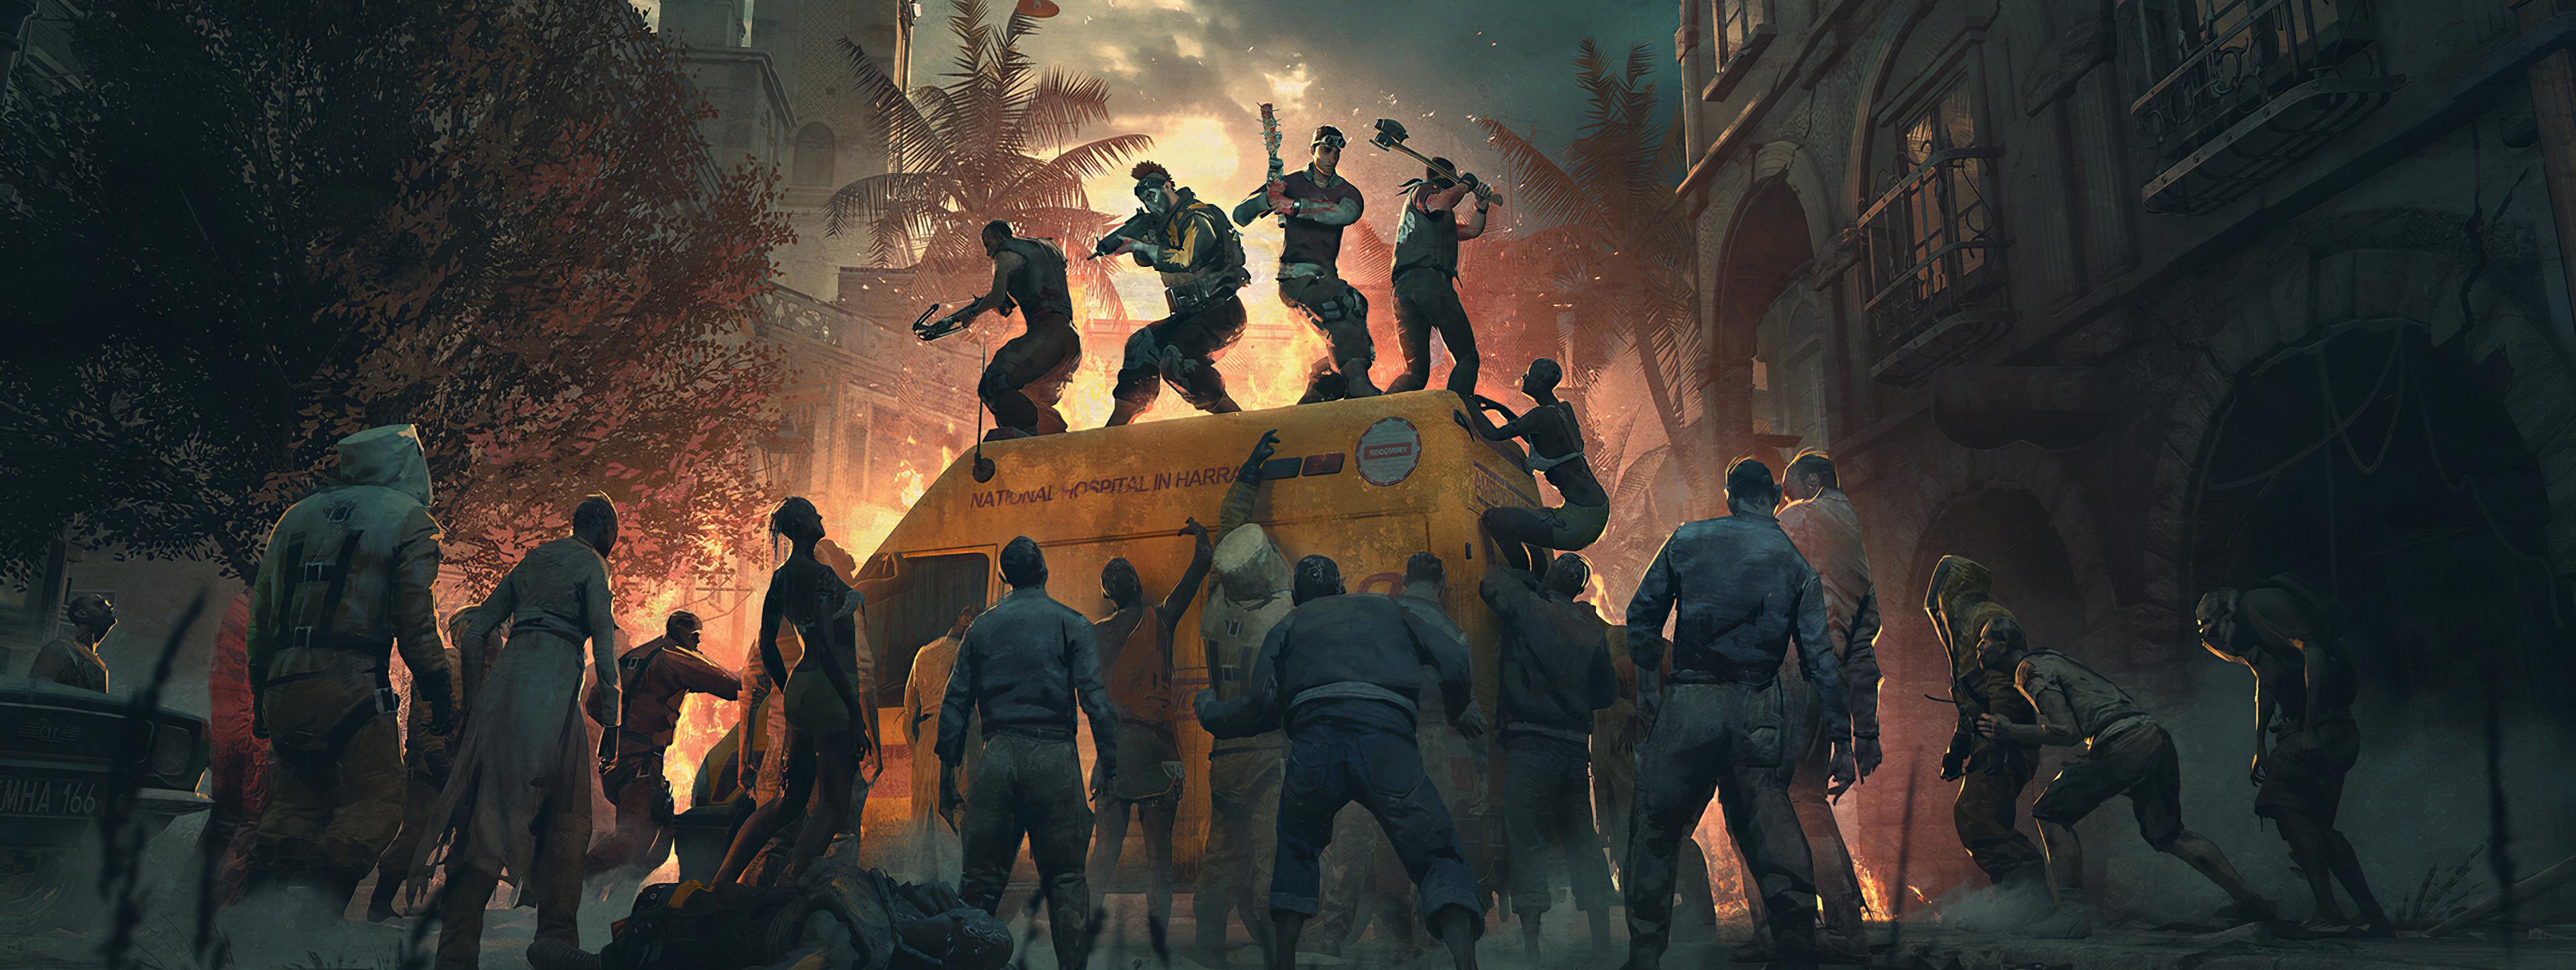 Оригинальная Dying Light получила возрастной рейтинг для PS5 и Xbox Series X|S